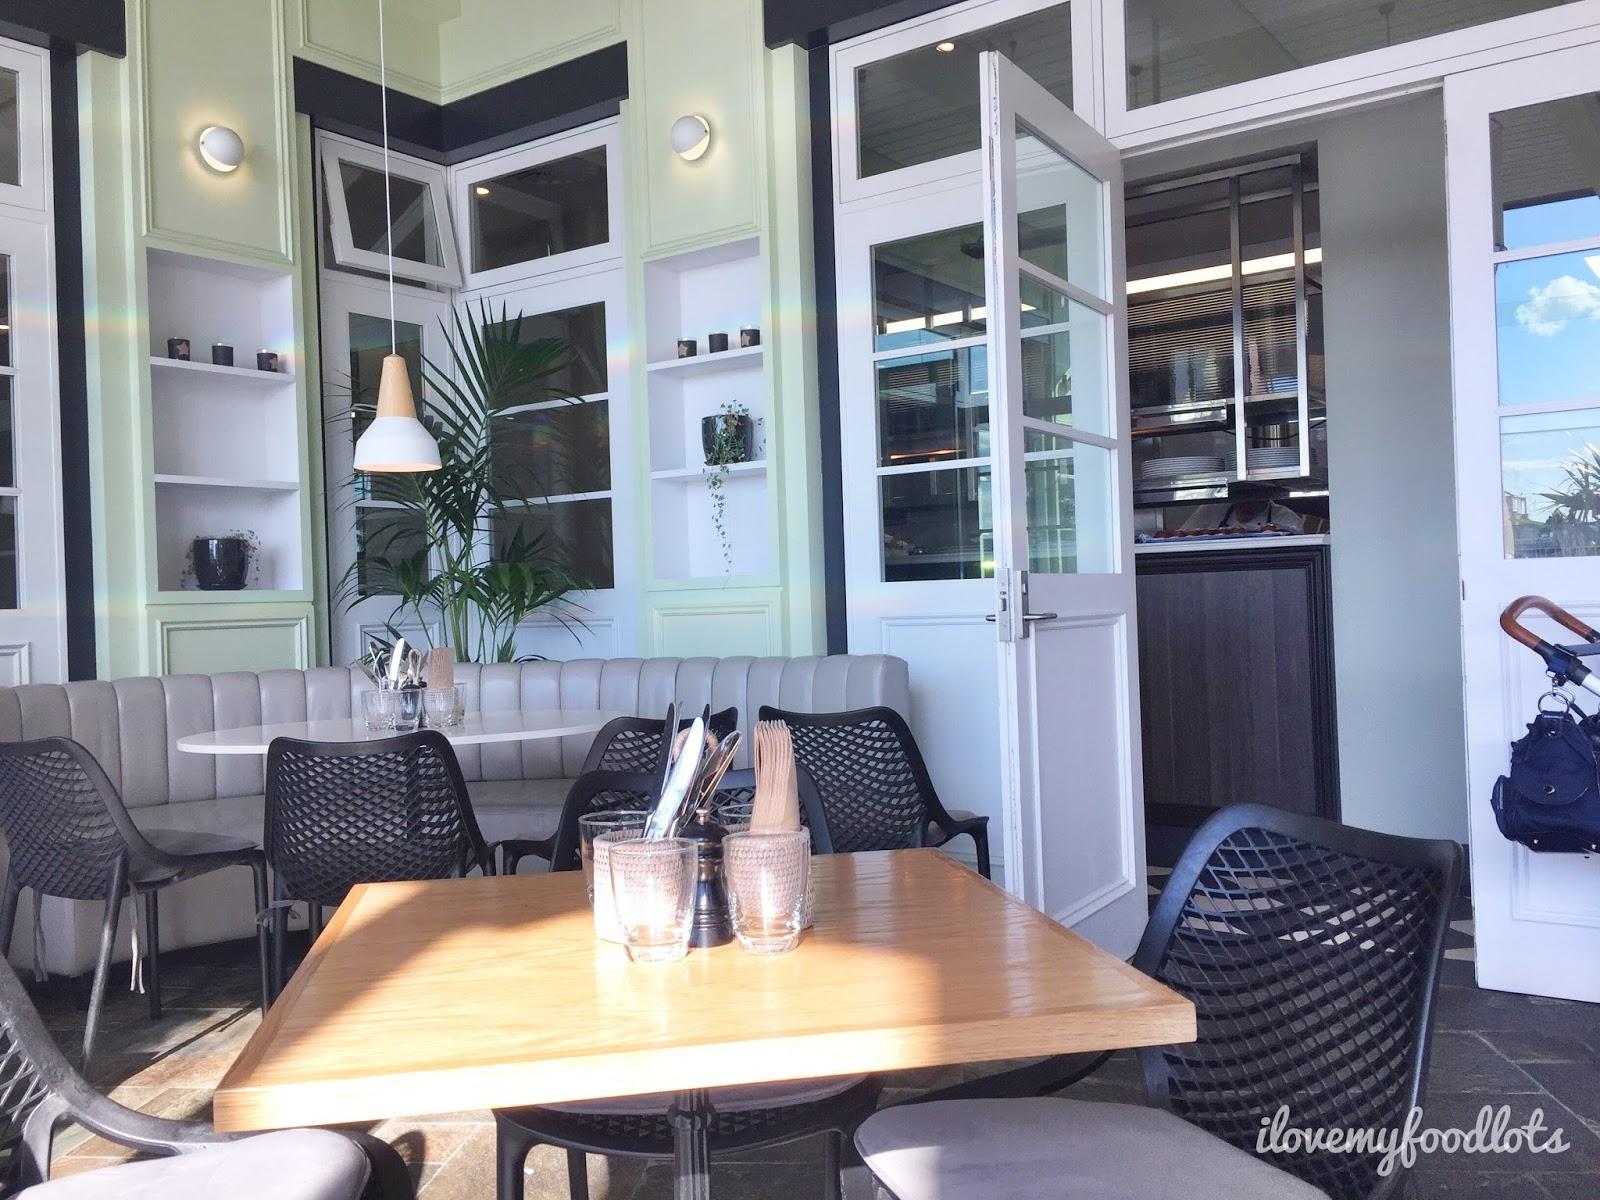 ilovemyfoodlots the italian kitchen miranda sydney australia